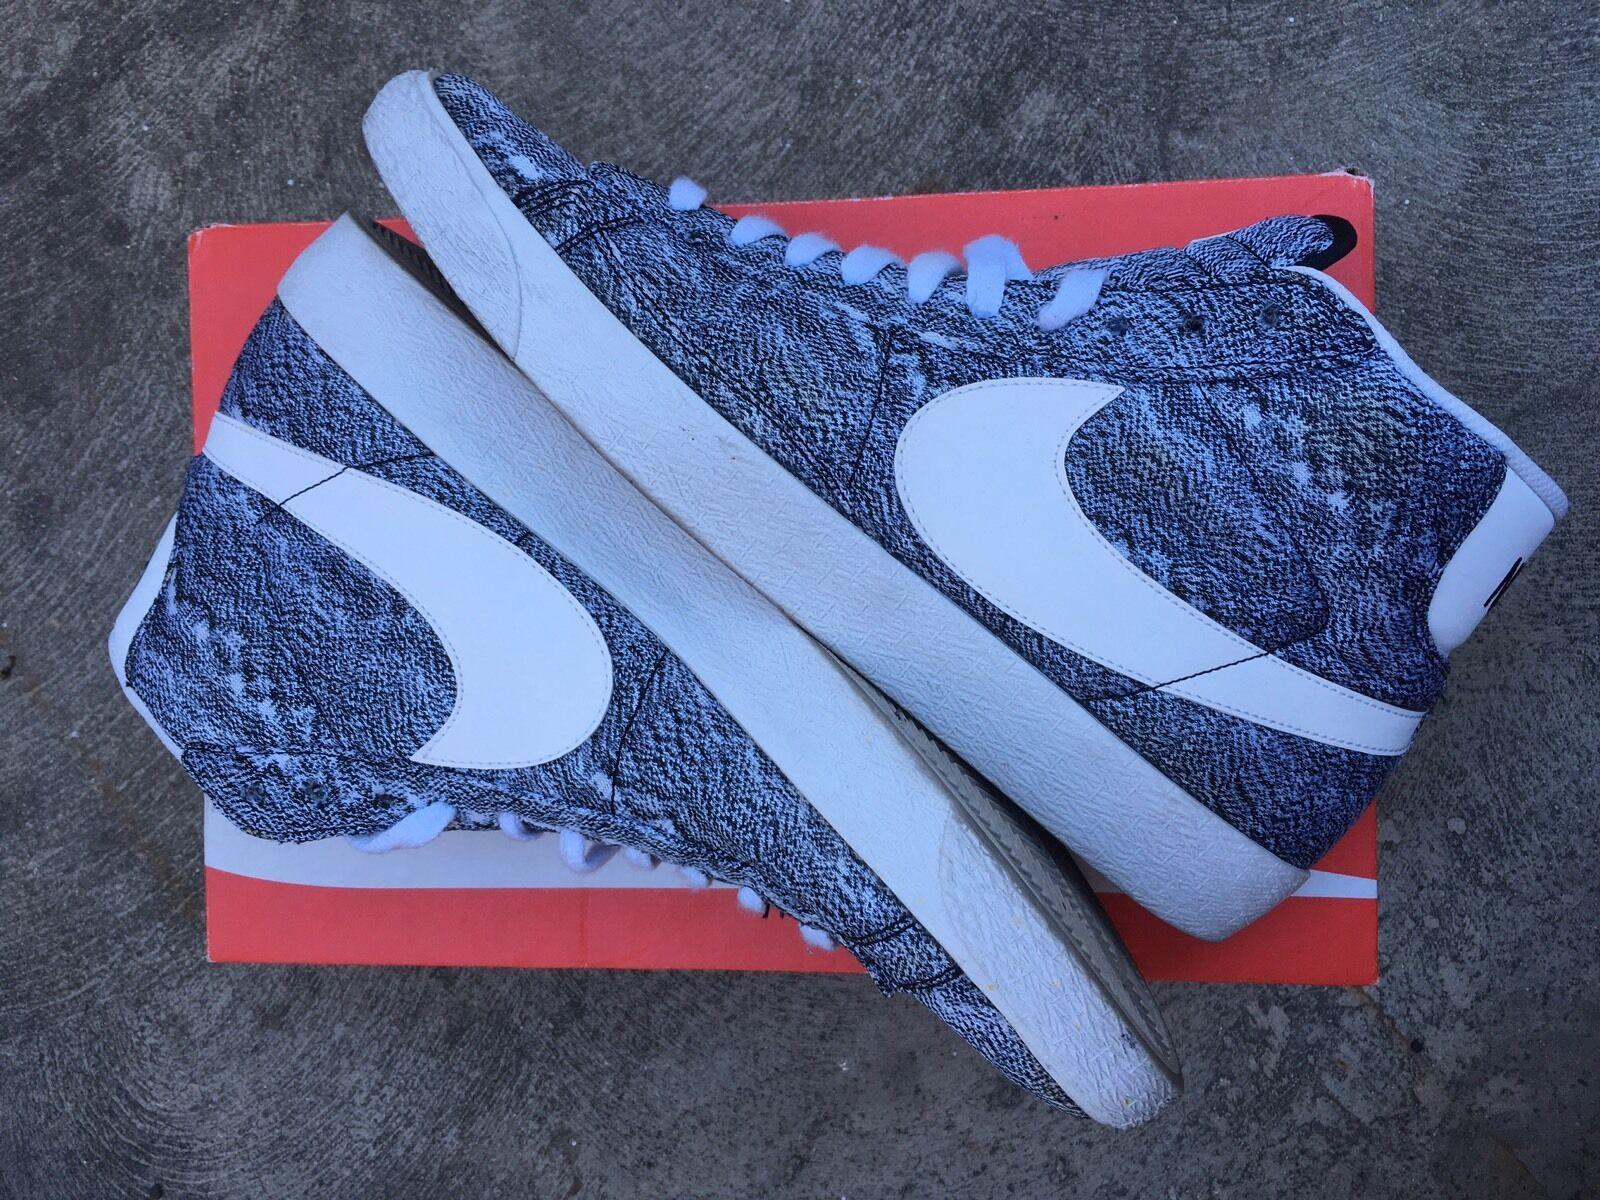 9d68c91c60ca8 Nike X J. Crew Blazers Size 13 Md Md Md Marble Black   White cb9785 ...